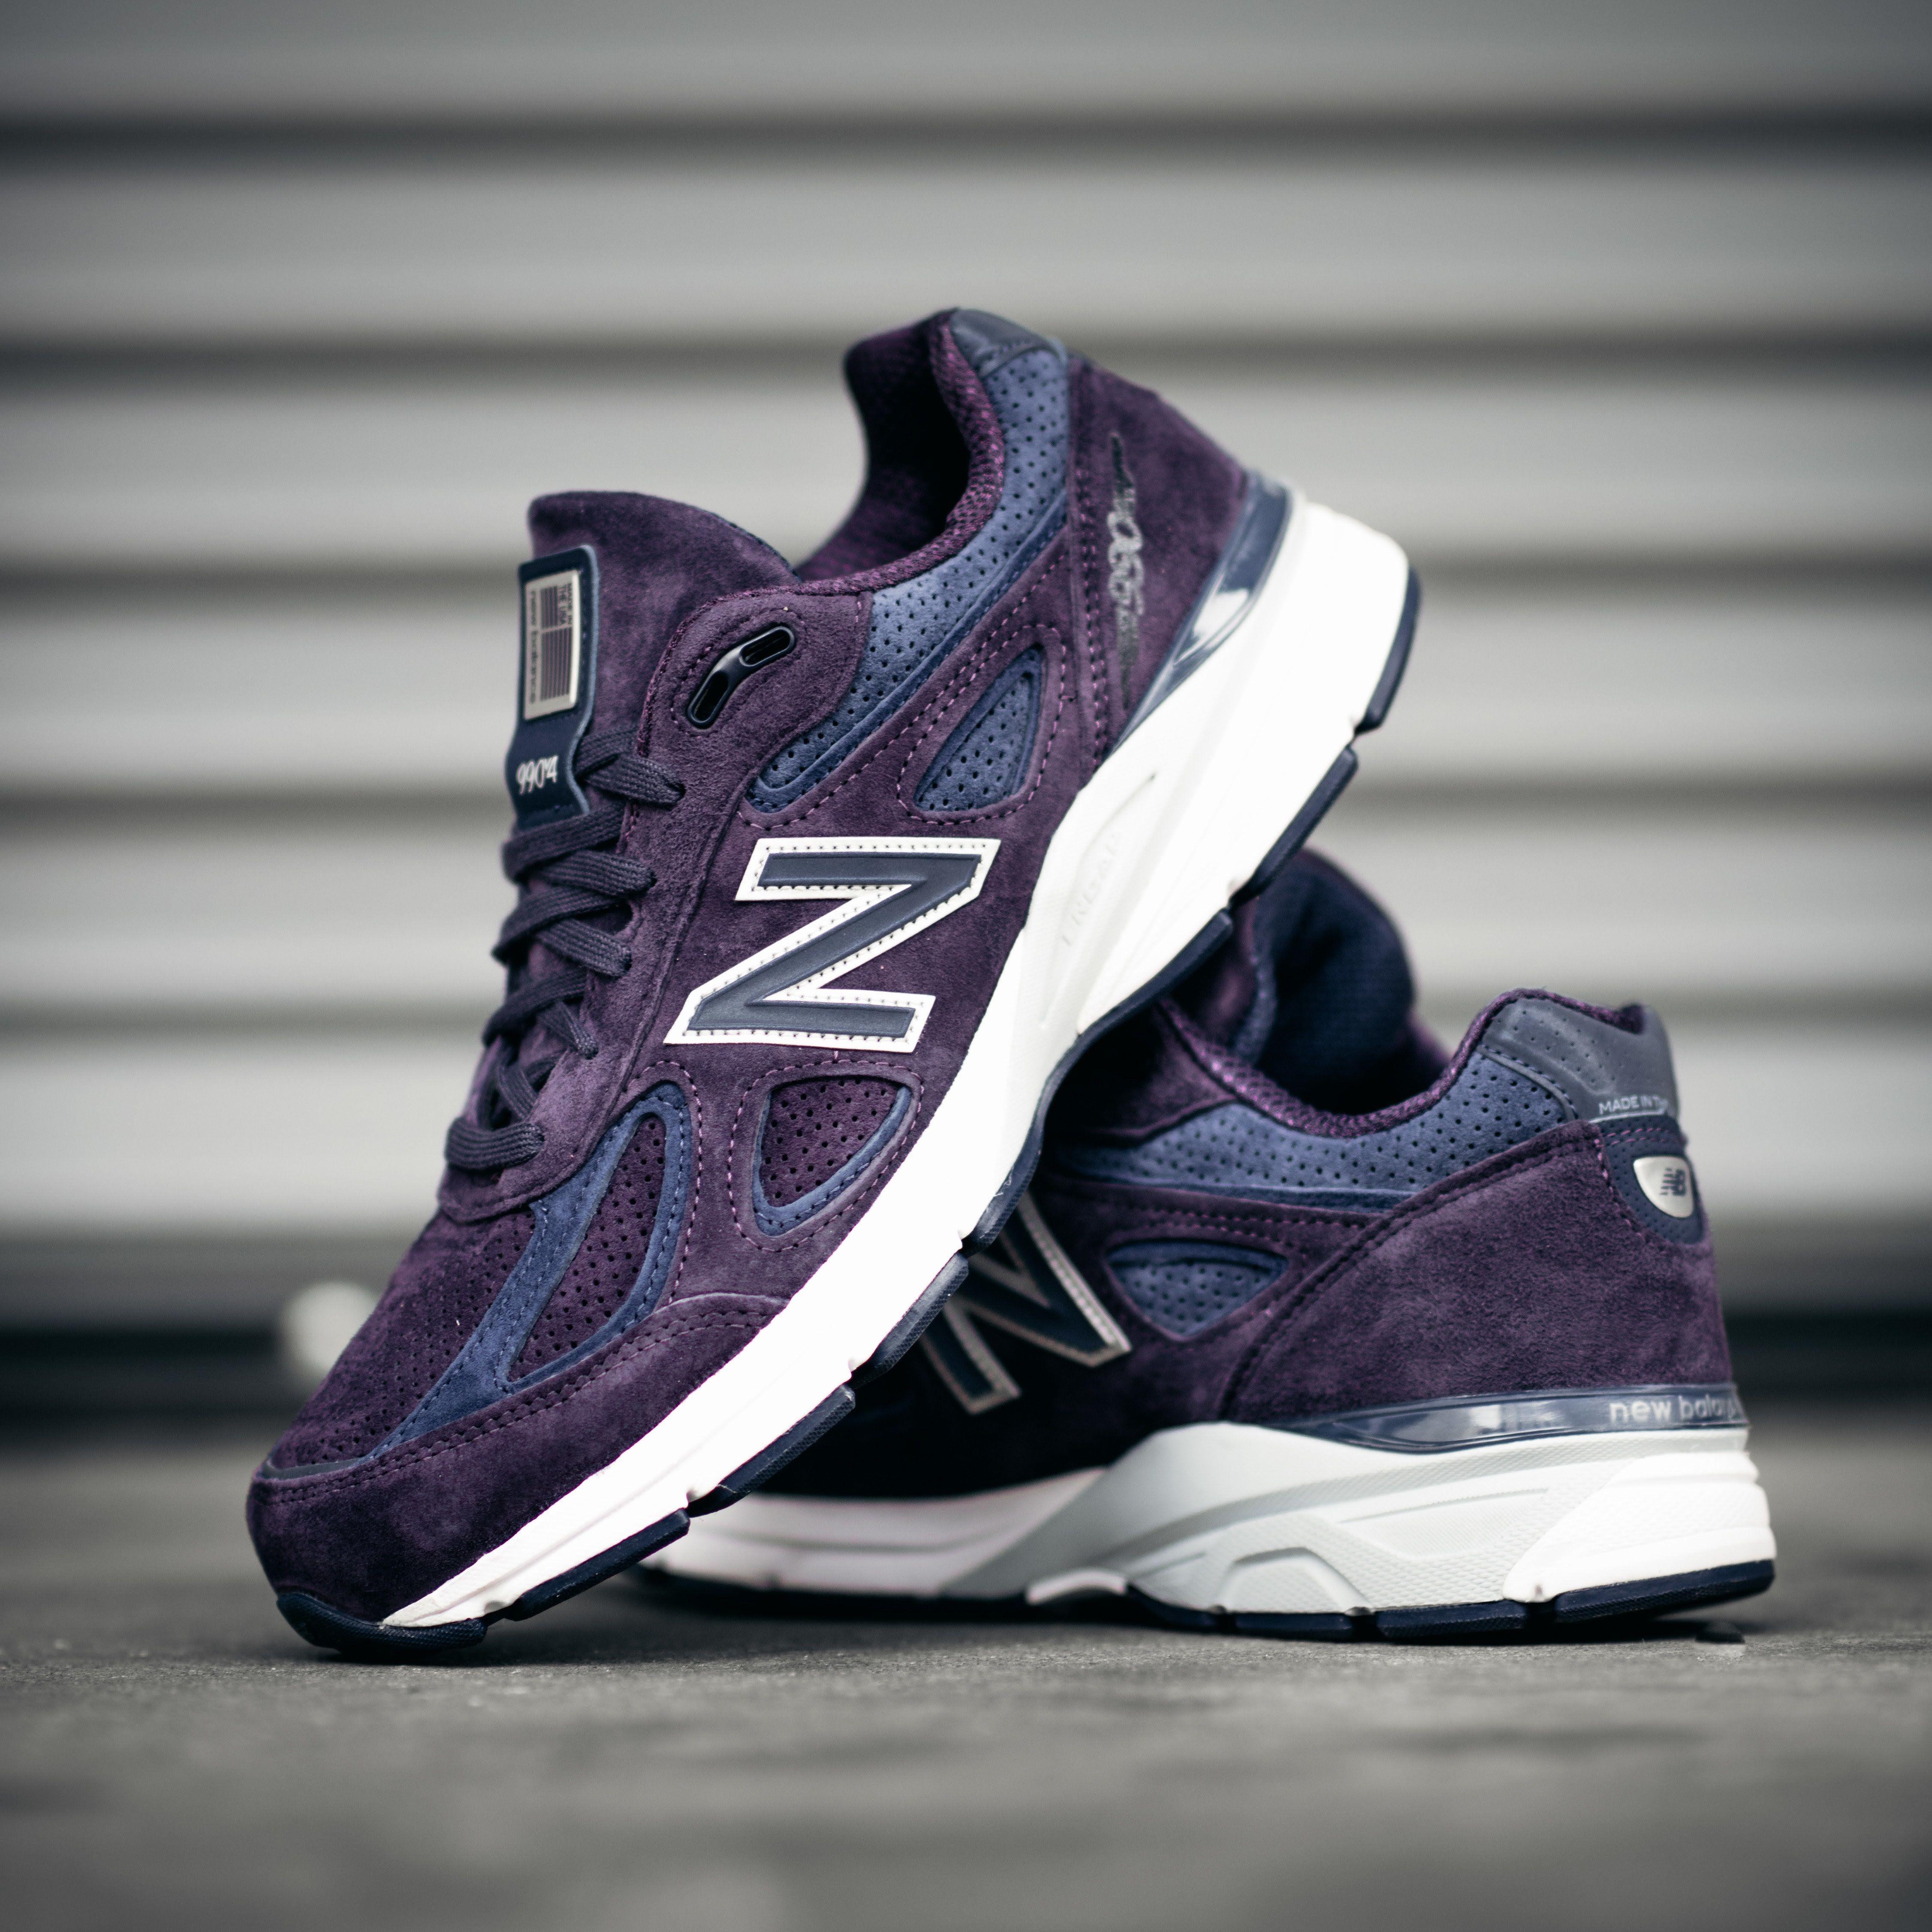 best website 9b1b4 585ca New Balance 990 | Sneakers: New Balance 990 | Pinterest ...